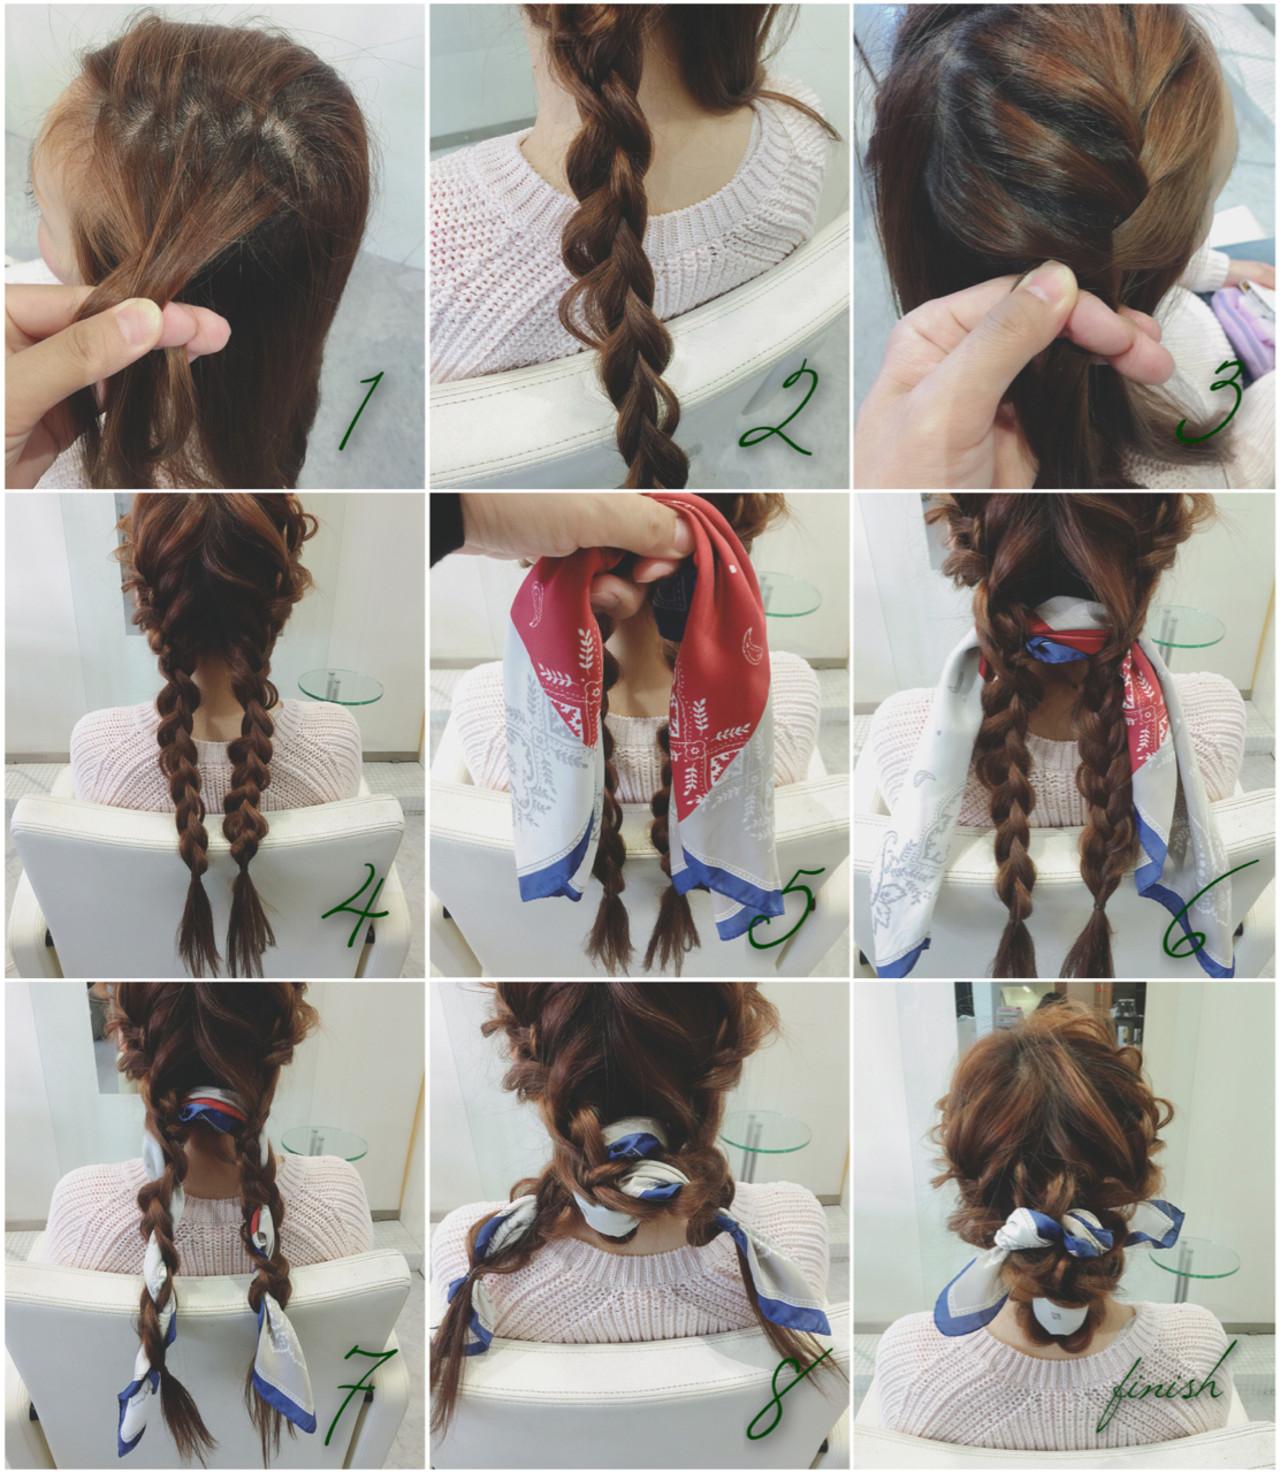 バンダナ ヘアアレンジ ヘアアクセ ショート ヘアスタイルや髪型の写真・画像